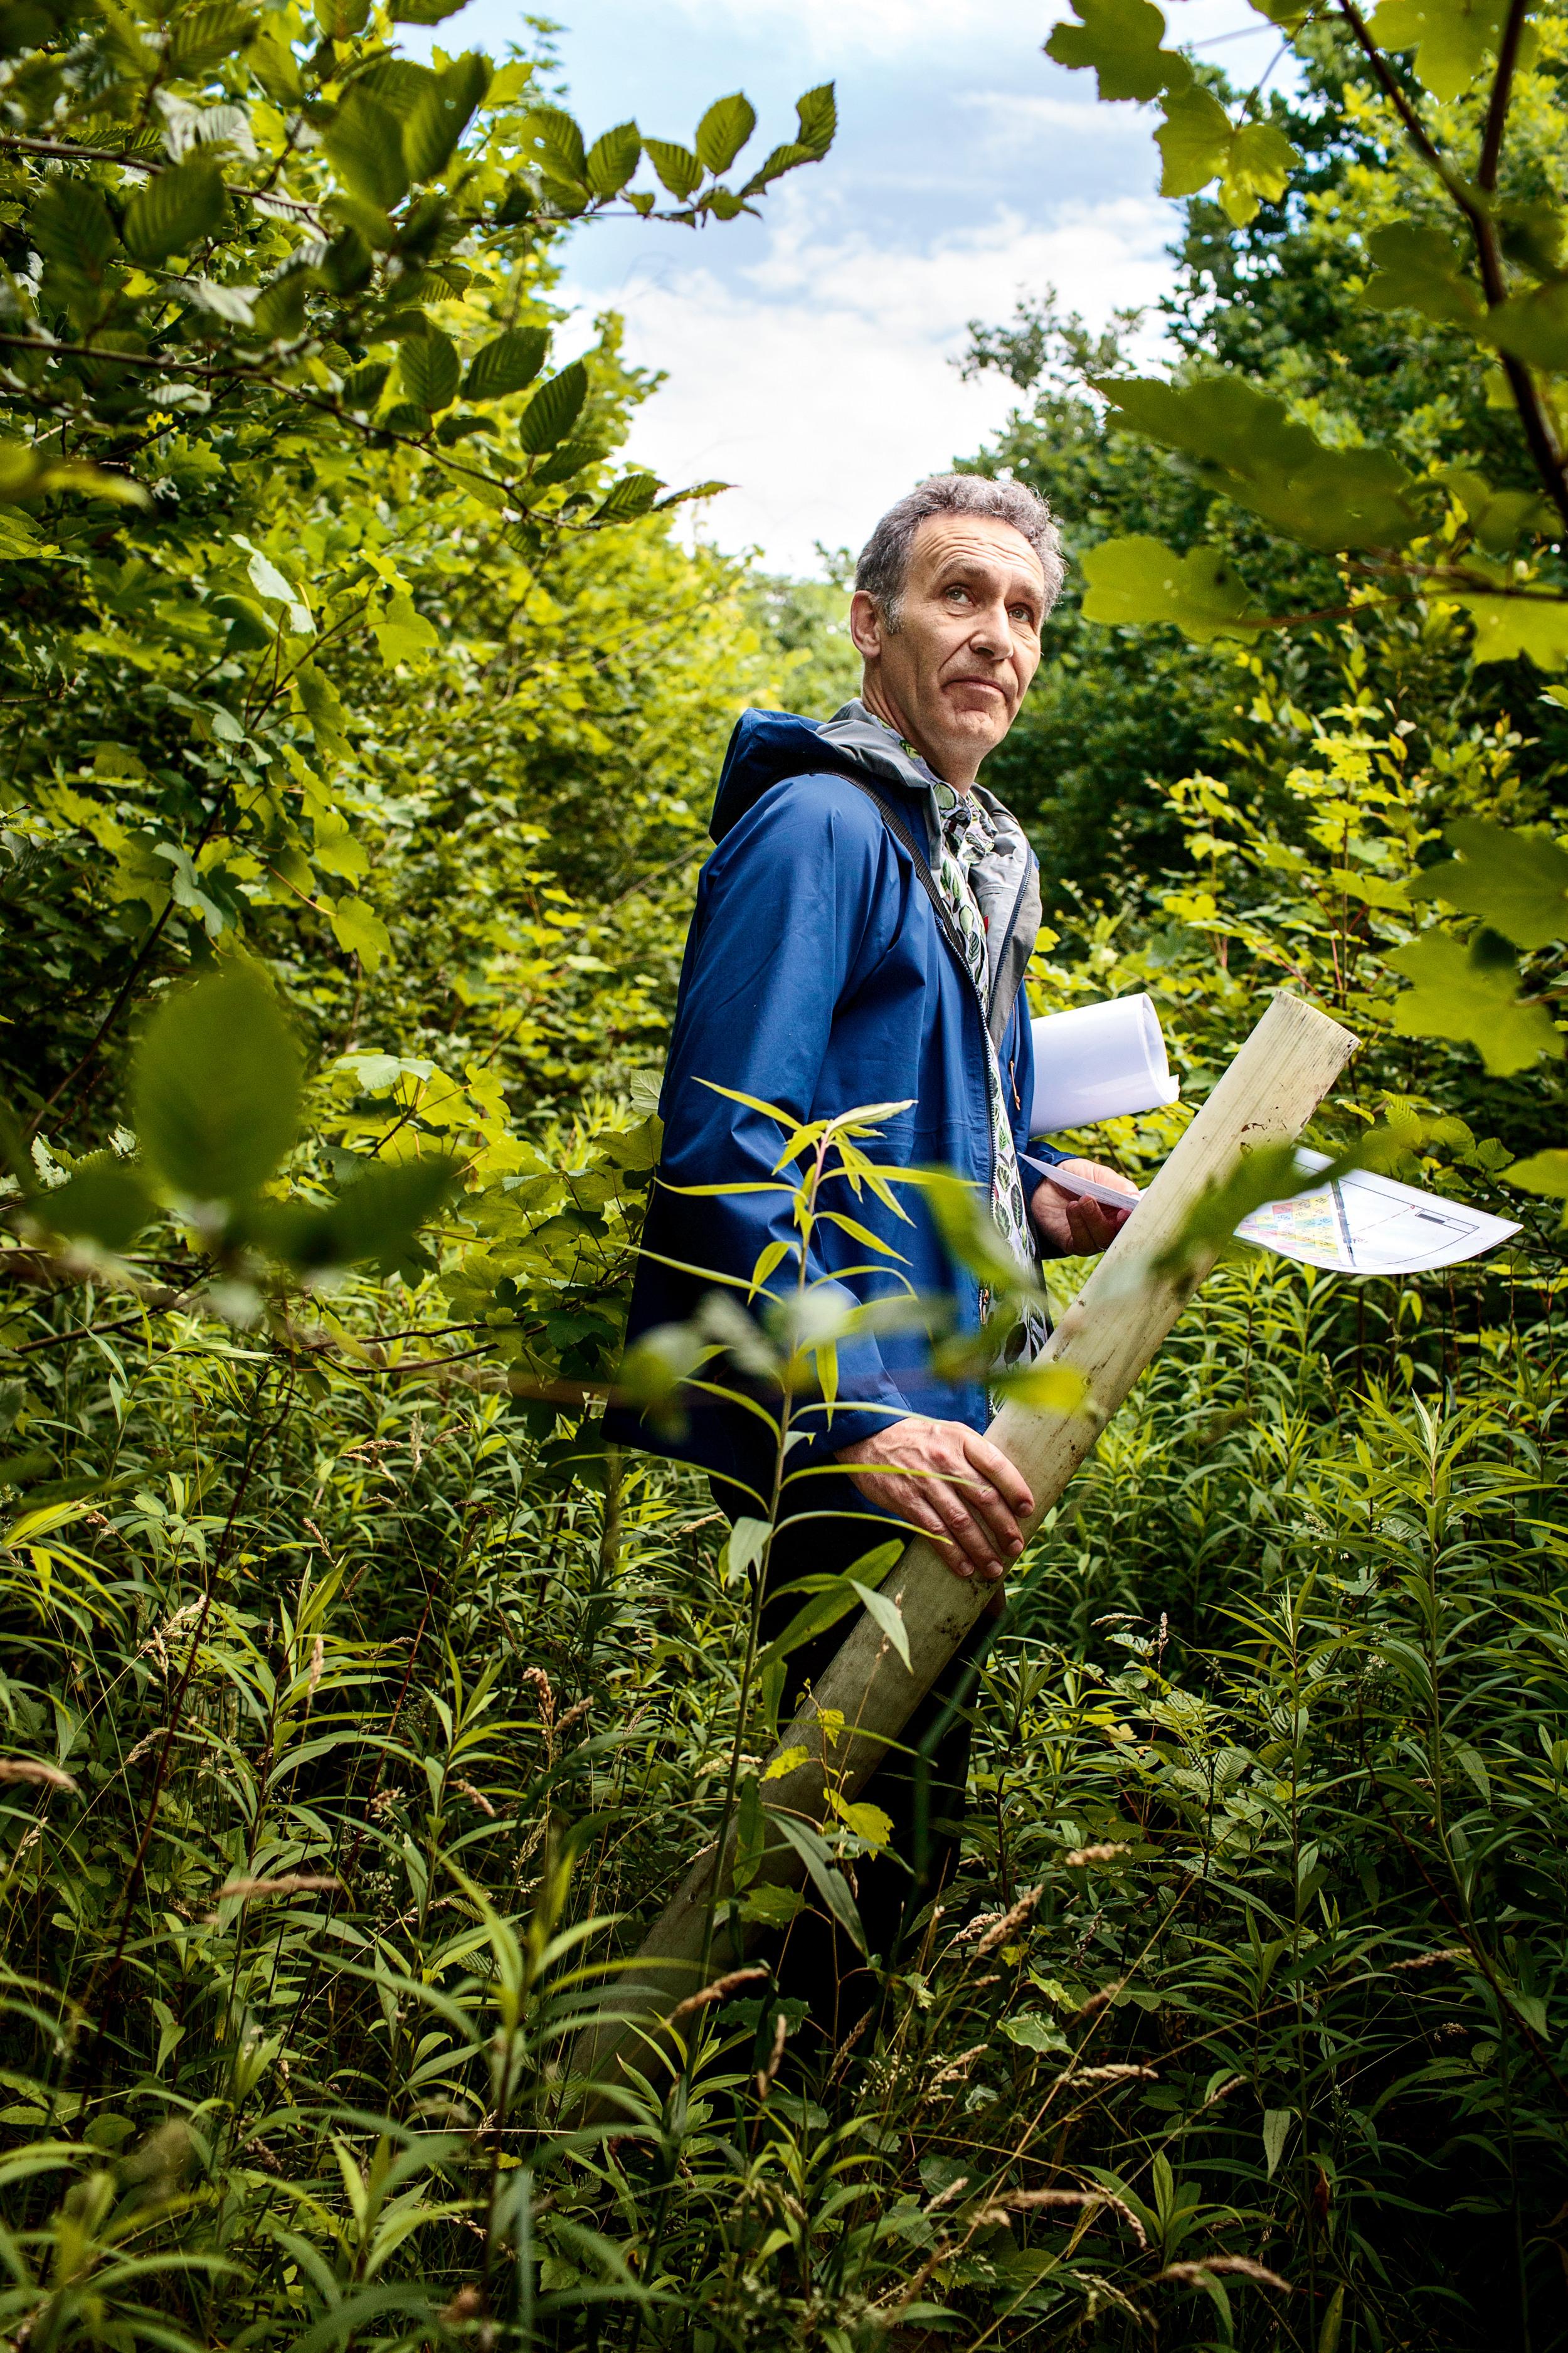 <p>WALDARBEITER<br /> Jürgen Bauhus, Professor für Waldbau an der Universität Freiburg, hat nahe der Stadt ein Versuchswäldchen angelegt.</p>